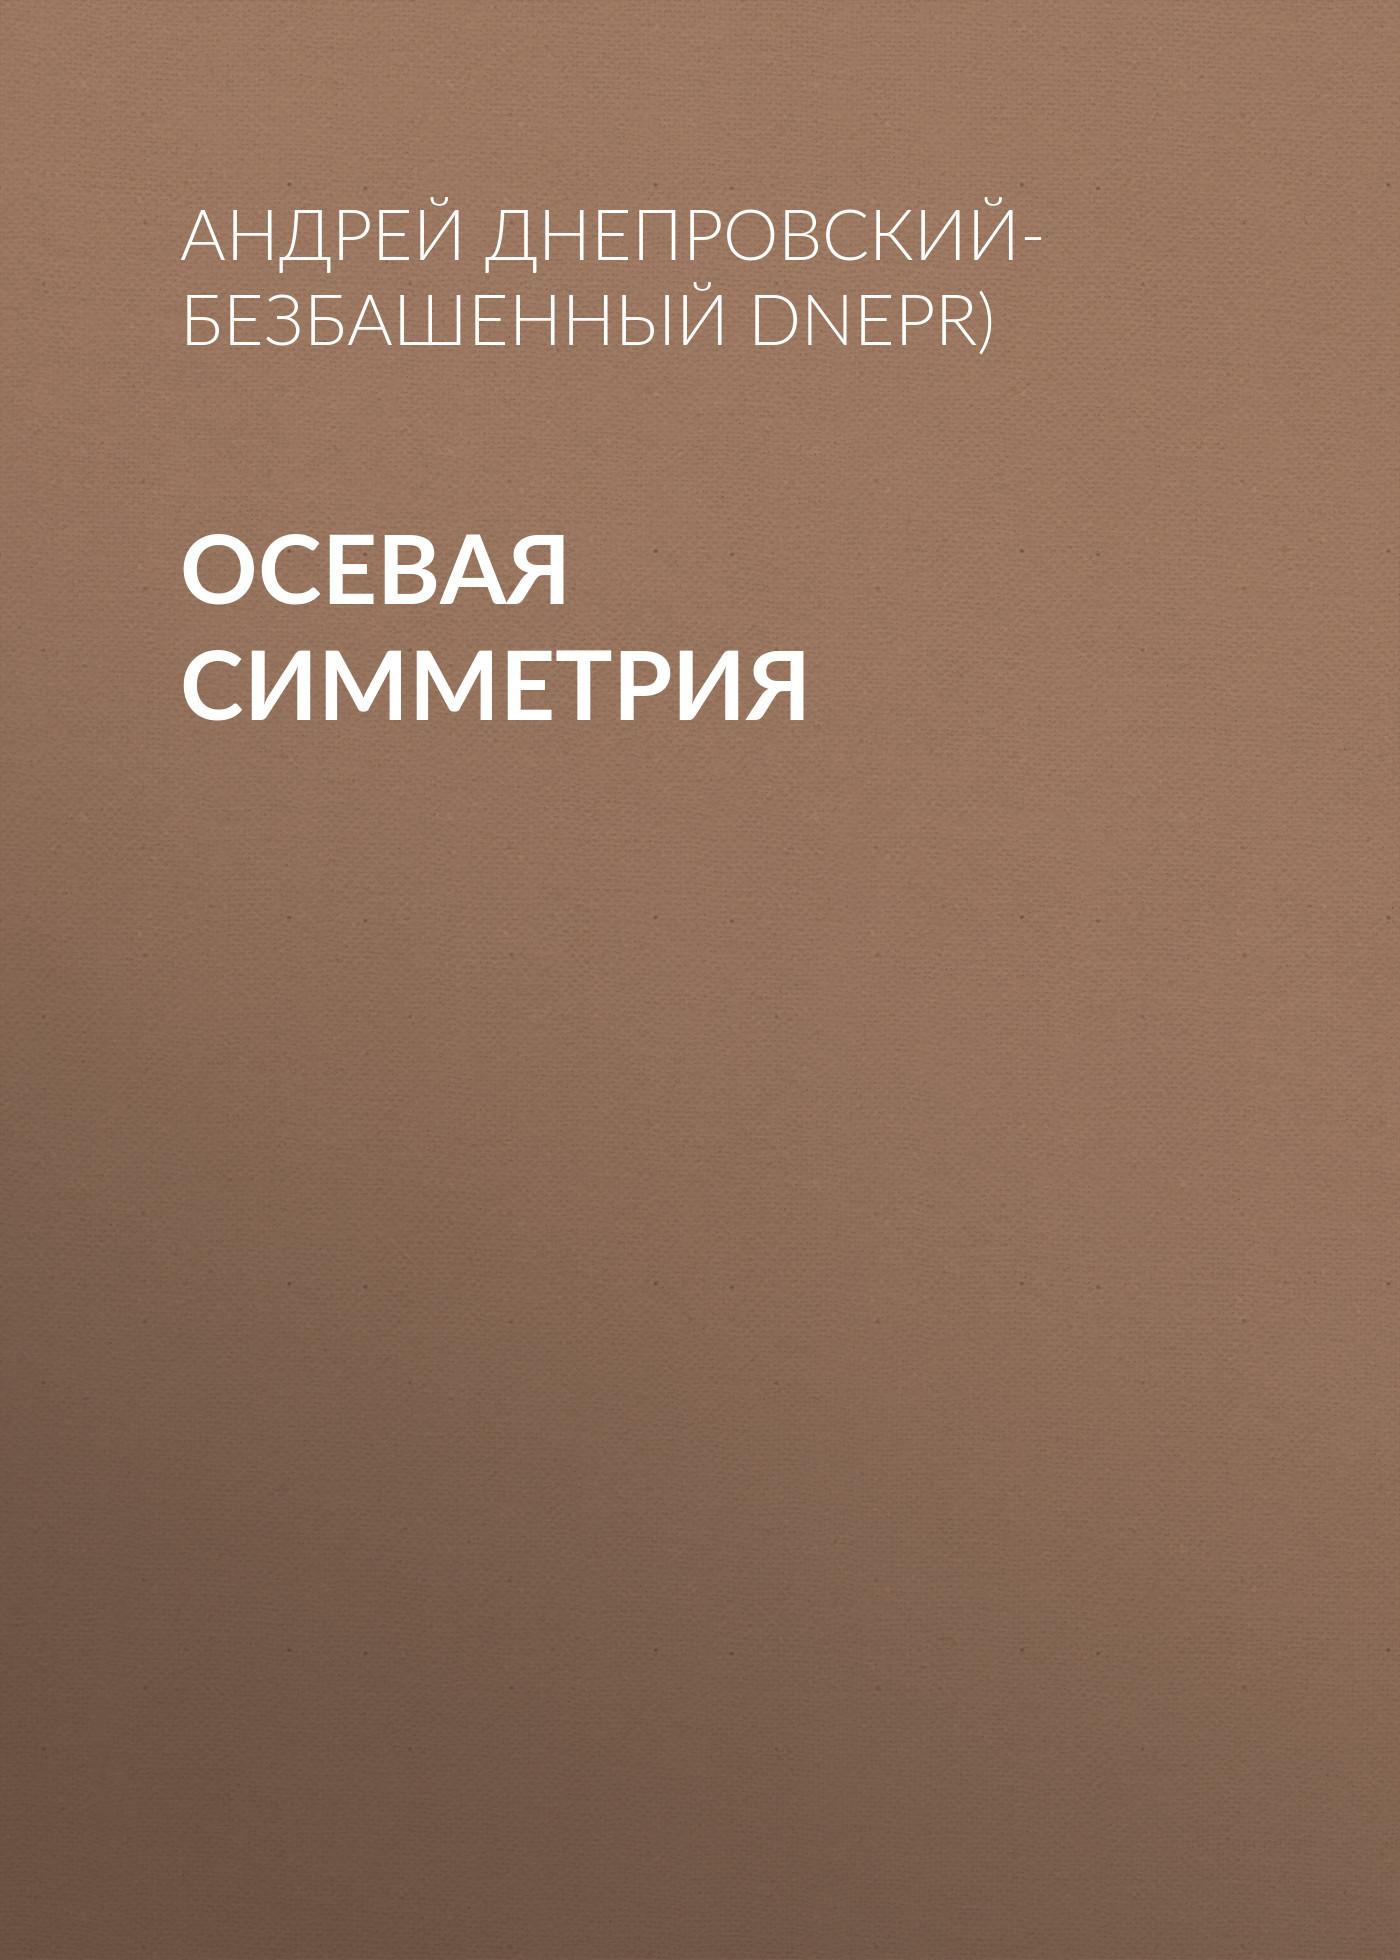 Андрей Днепровский-Безбашенный (A.DNEPR) Осевая симметрия андрей битов текст как текст